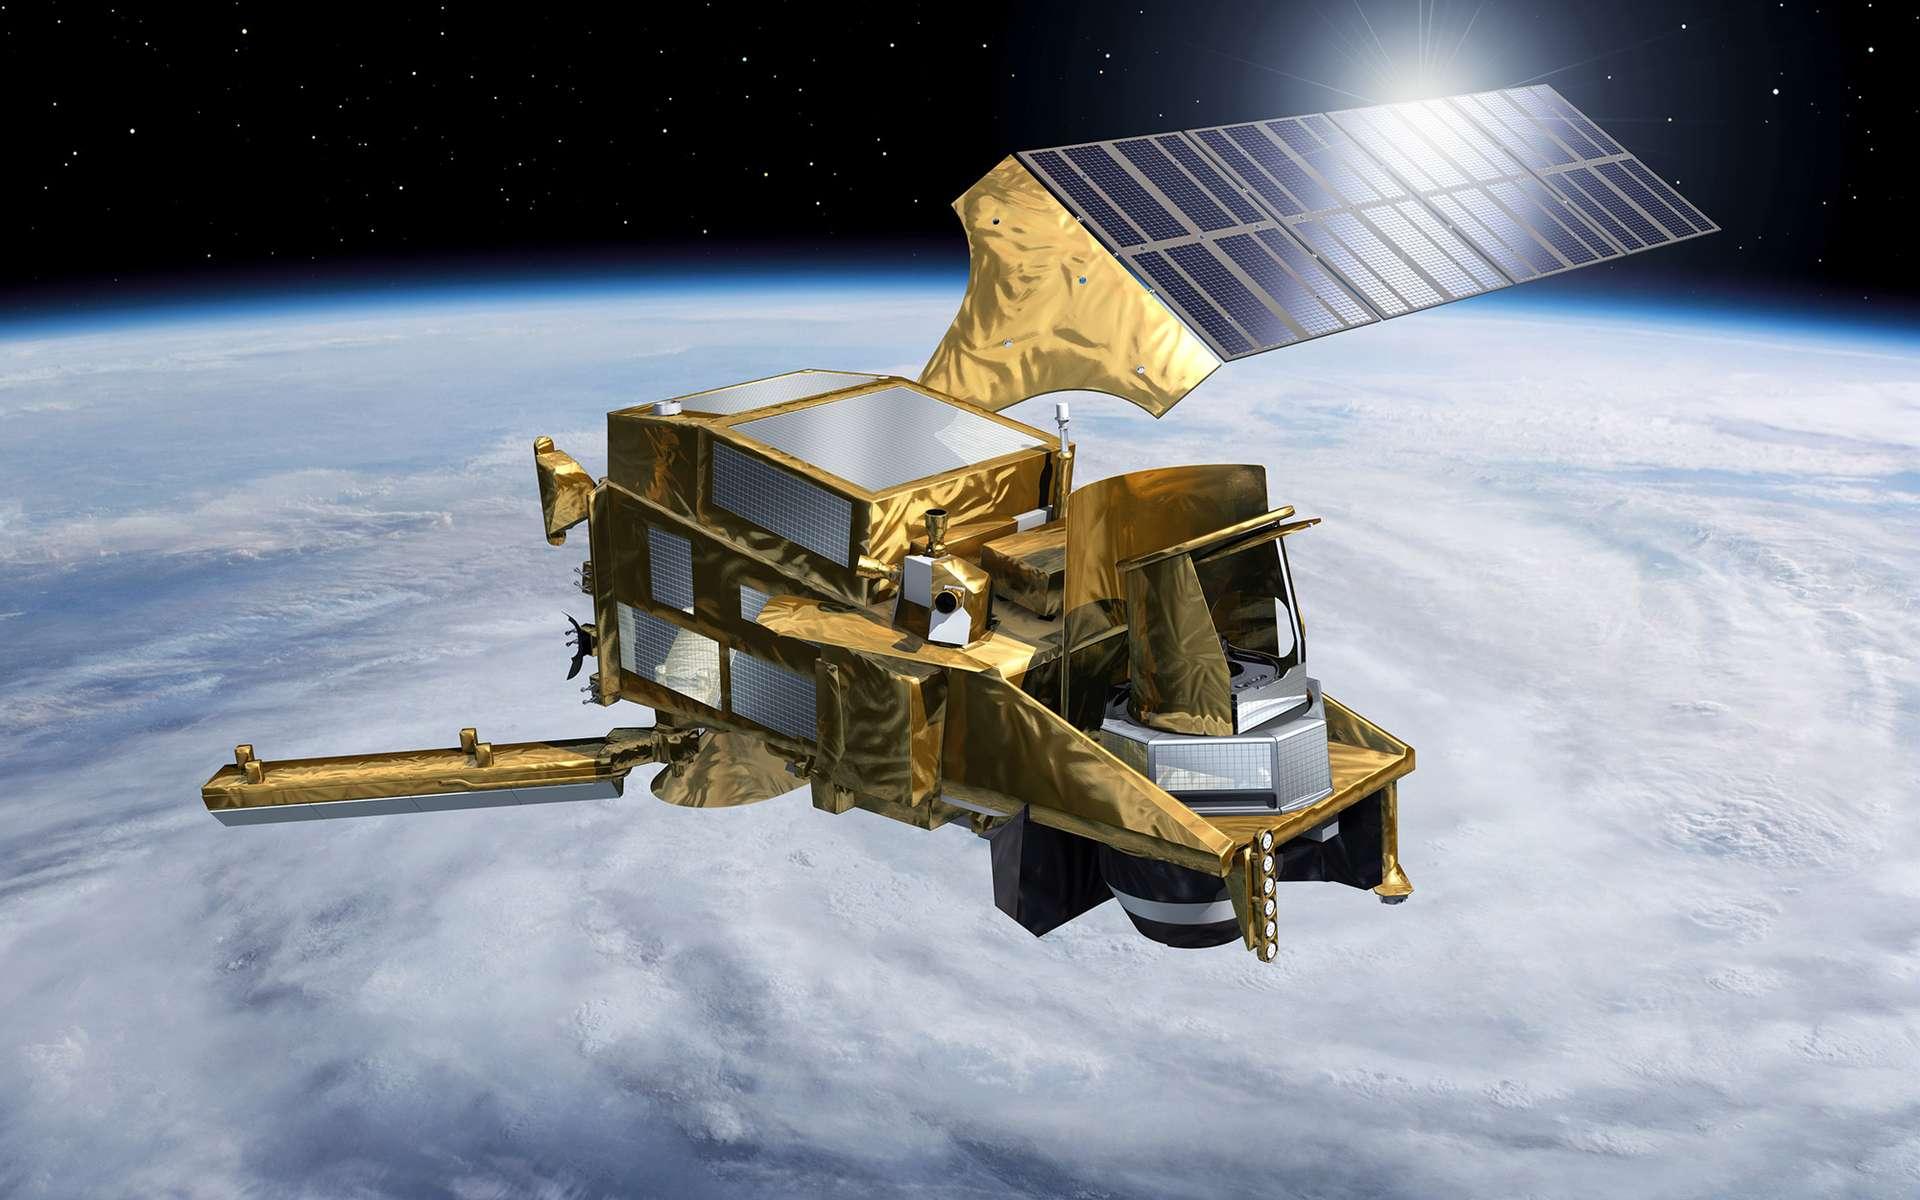 Vue d'artiste d'un satellite Metop de seconde génération. © Esa, P. Carril